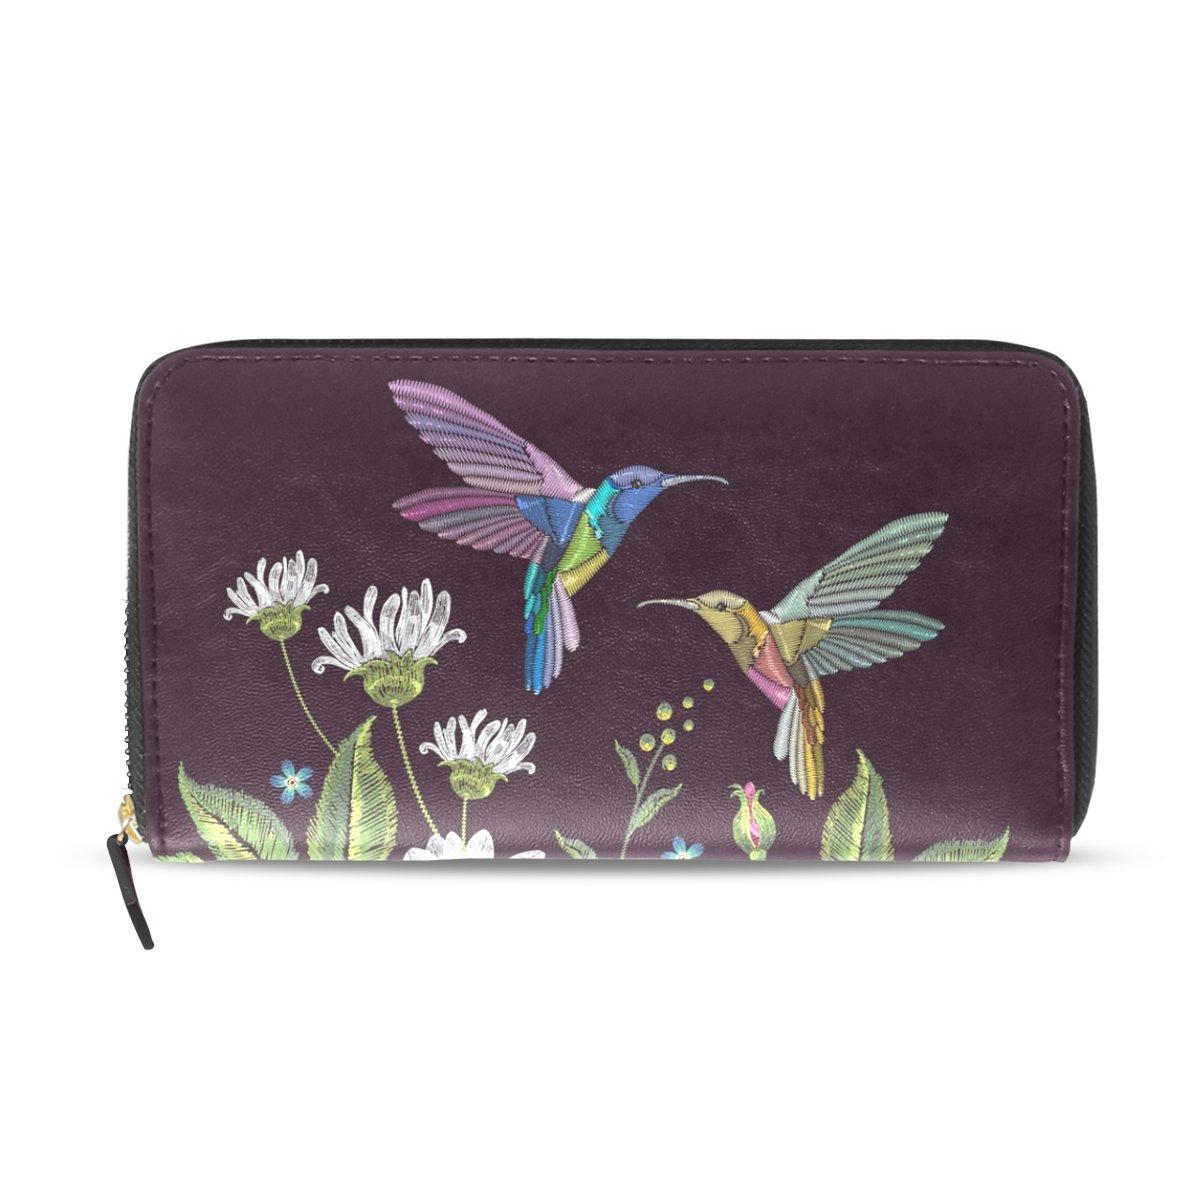 Womens Zipper Wallet Flower Leaf Hummingbirds Clutch Purse Card Holder Bag